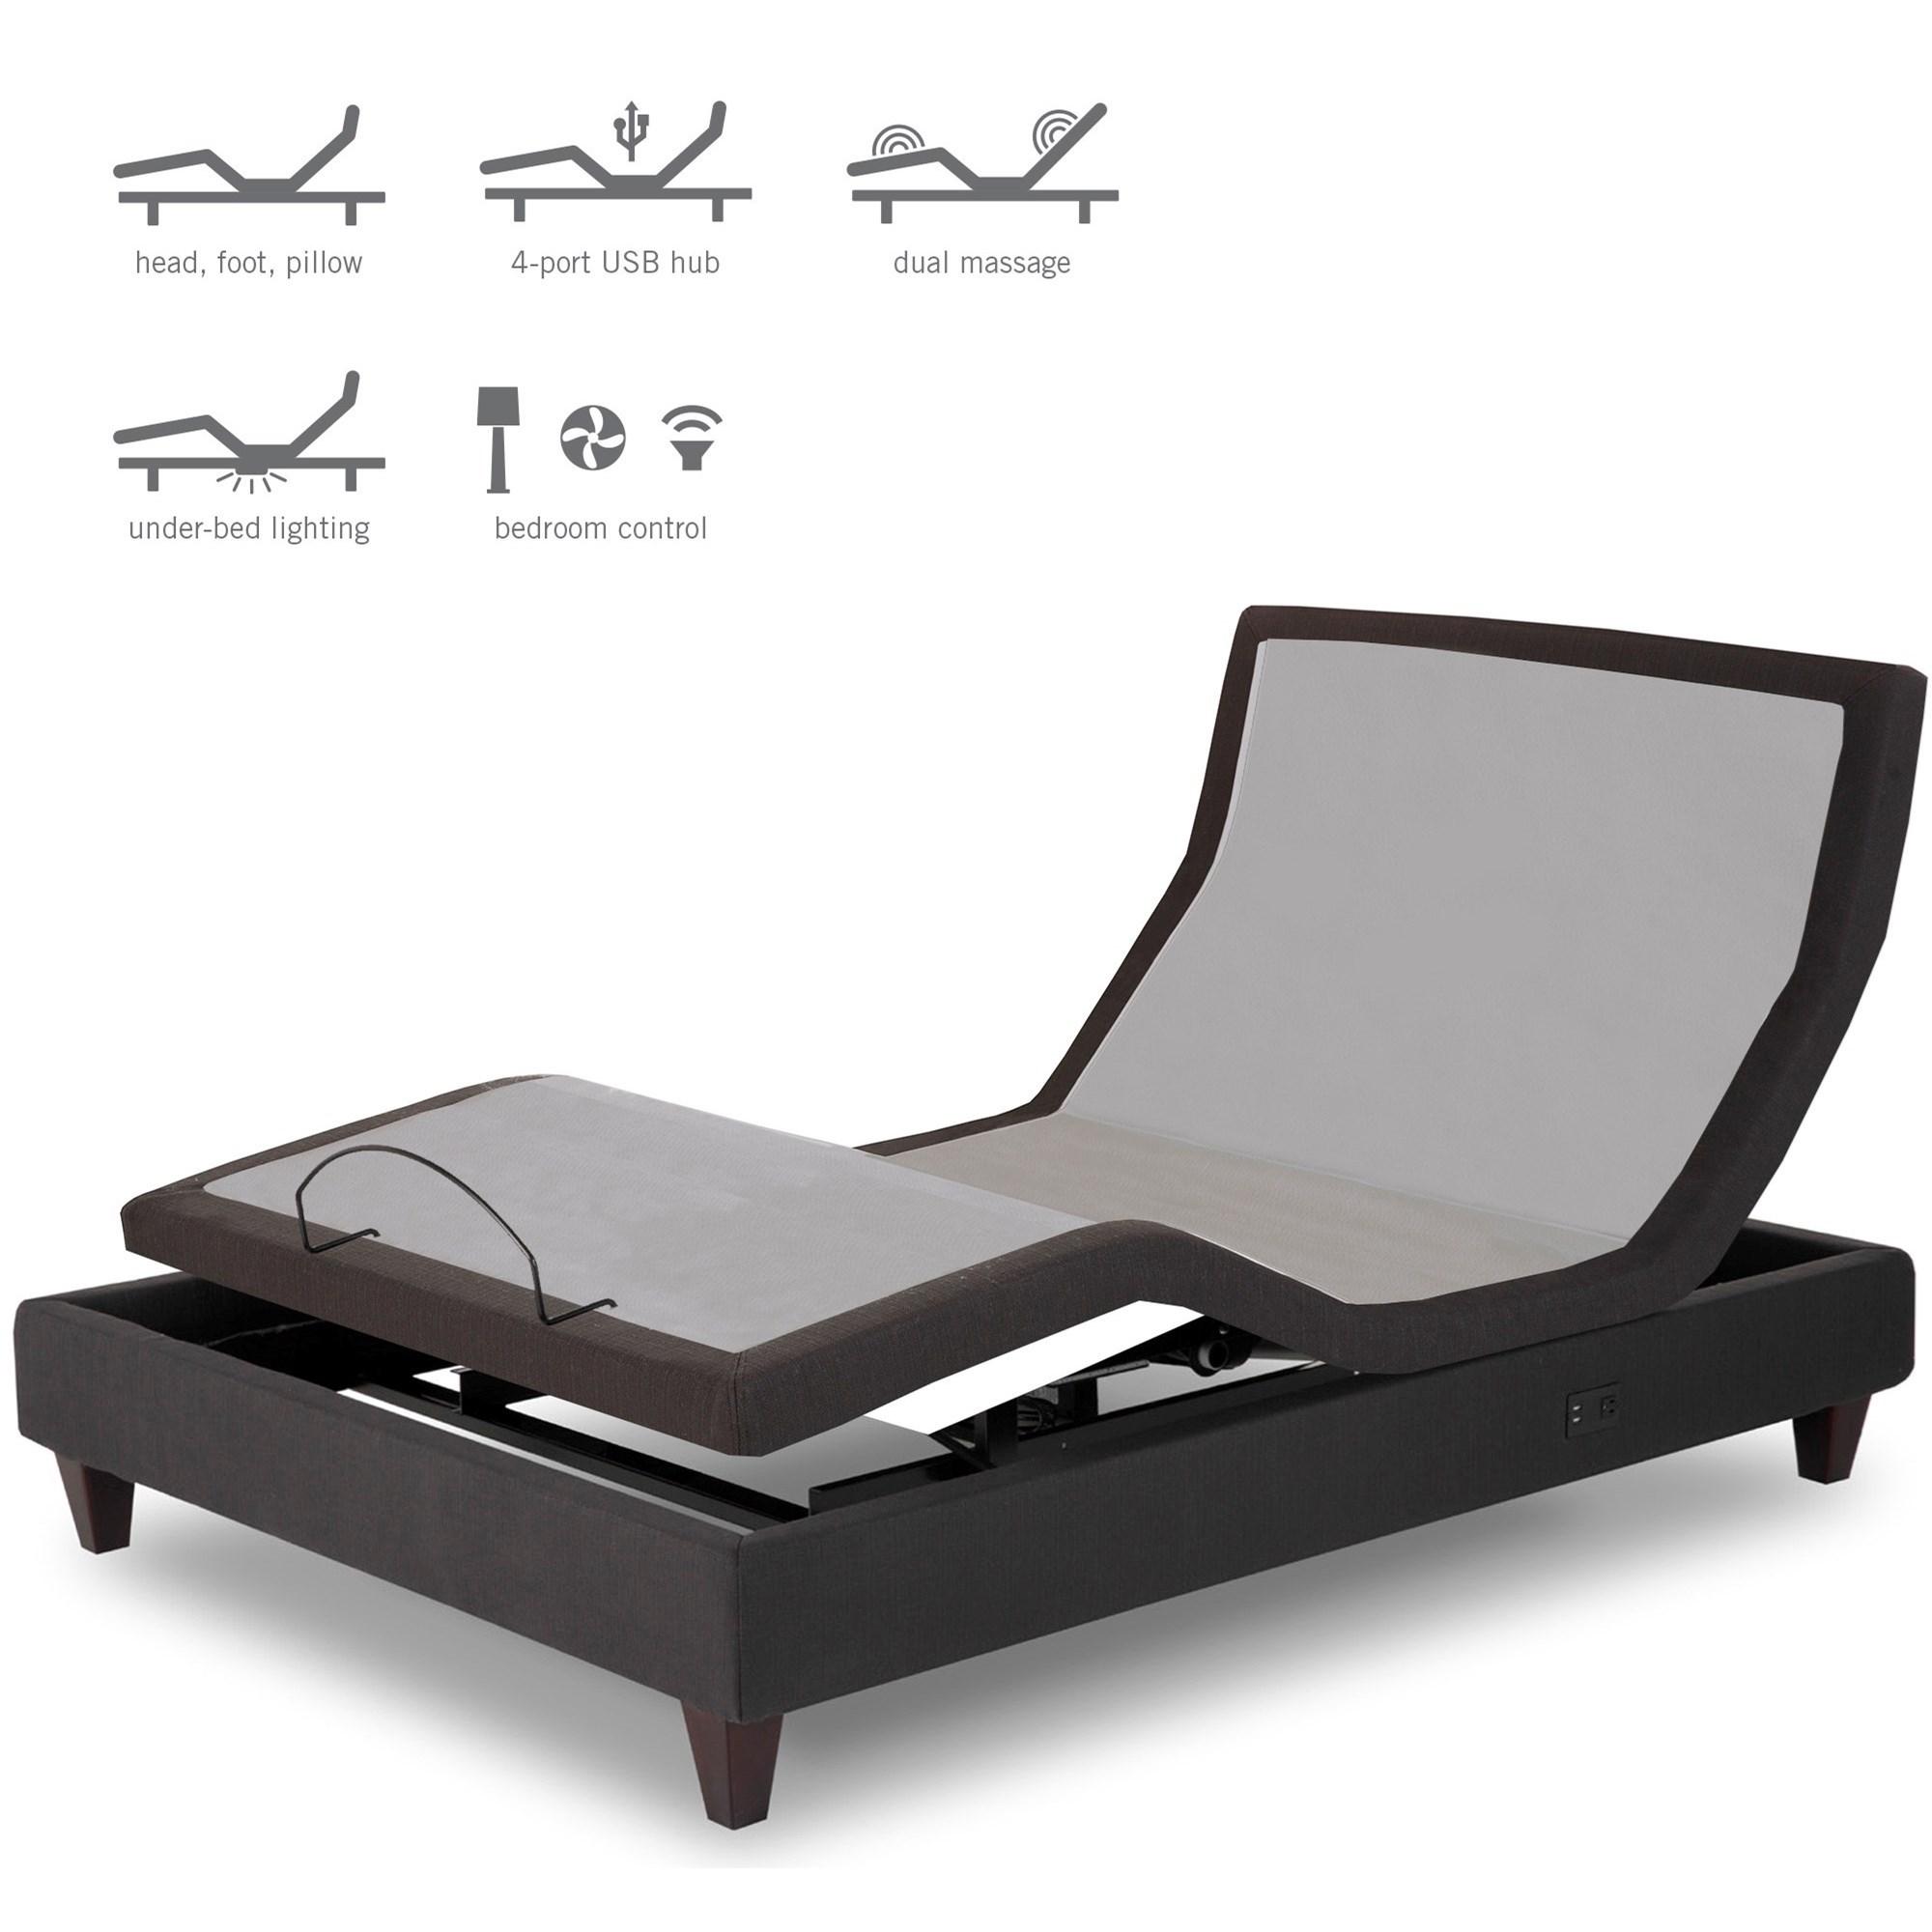 fashion bed group premier series full extra long adjustable base with upholstered frame. Black Bedroom Furniture Sets. Home Design Ideas